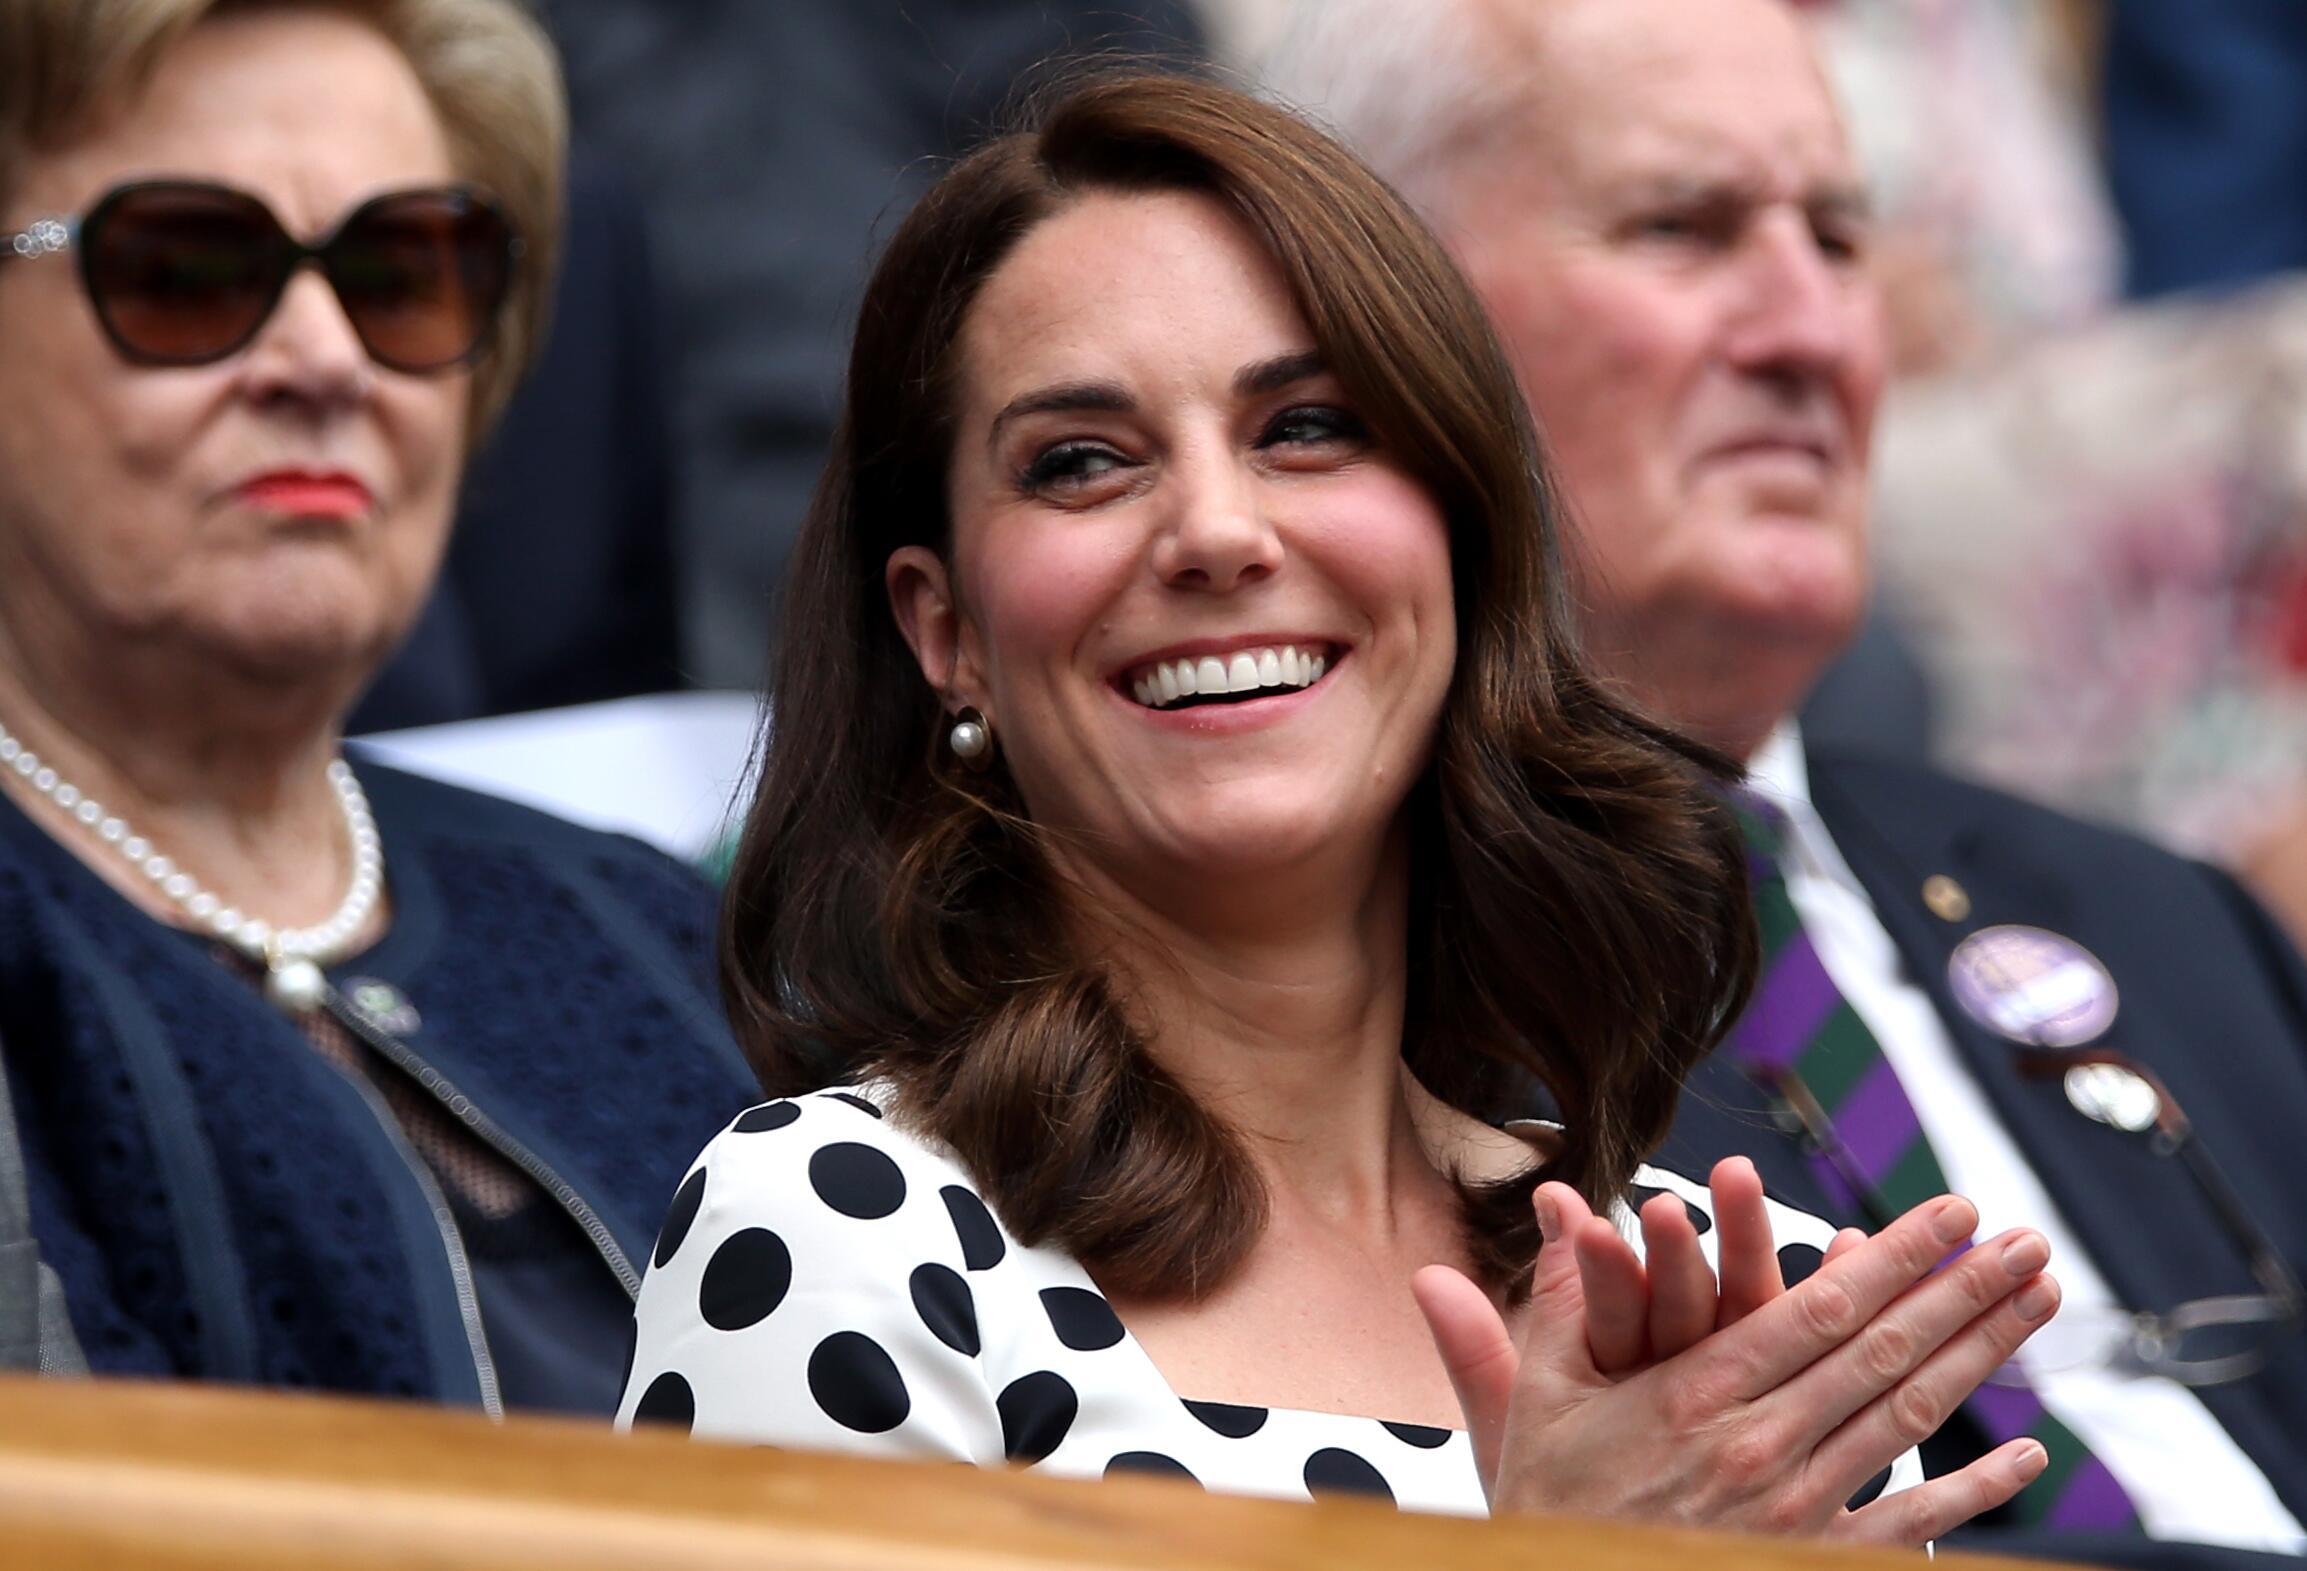 Bild zu Tennis Wimbledon, Herzogin Kate